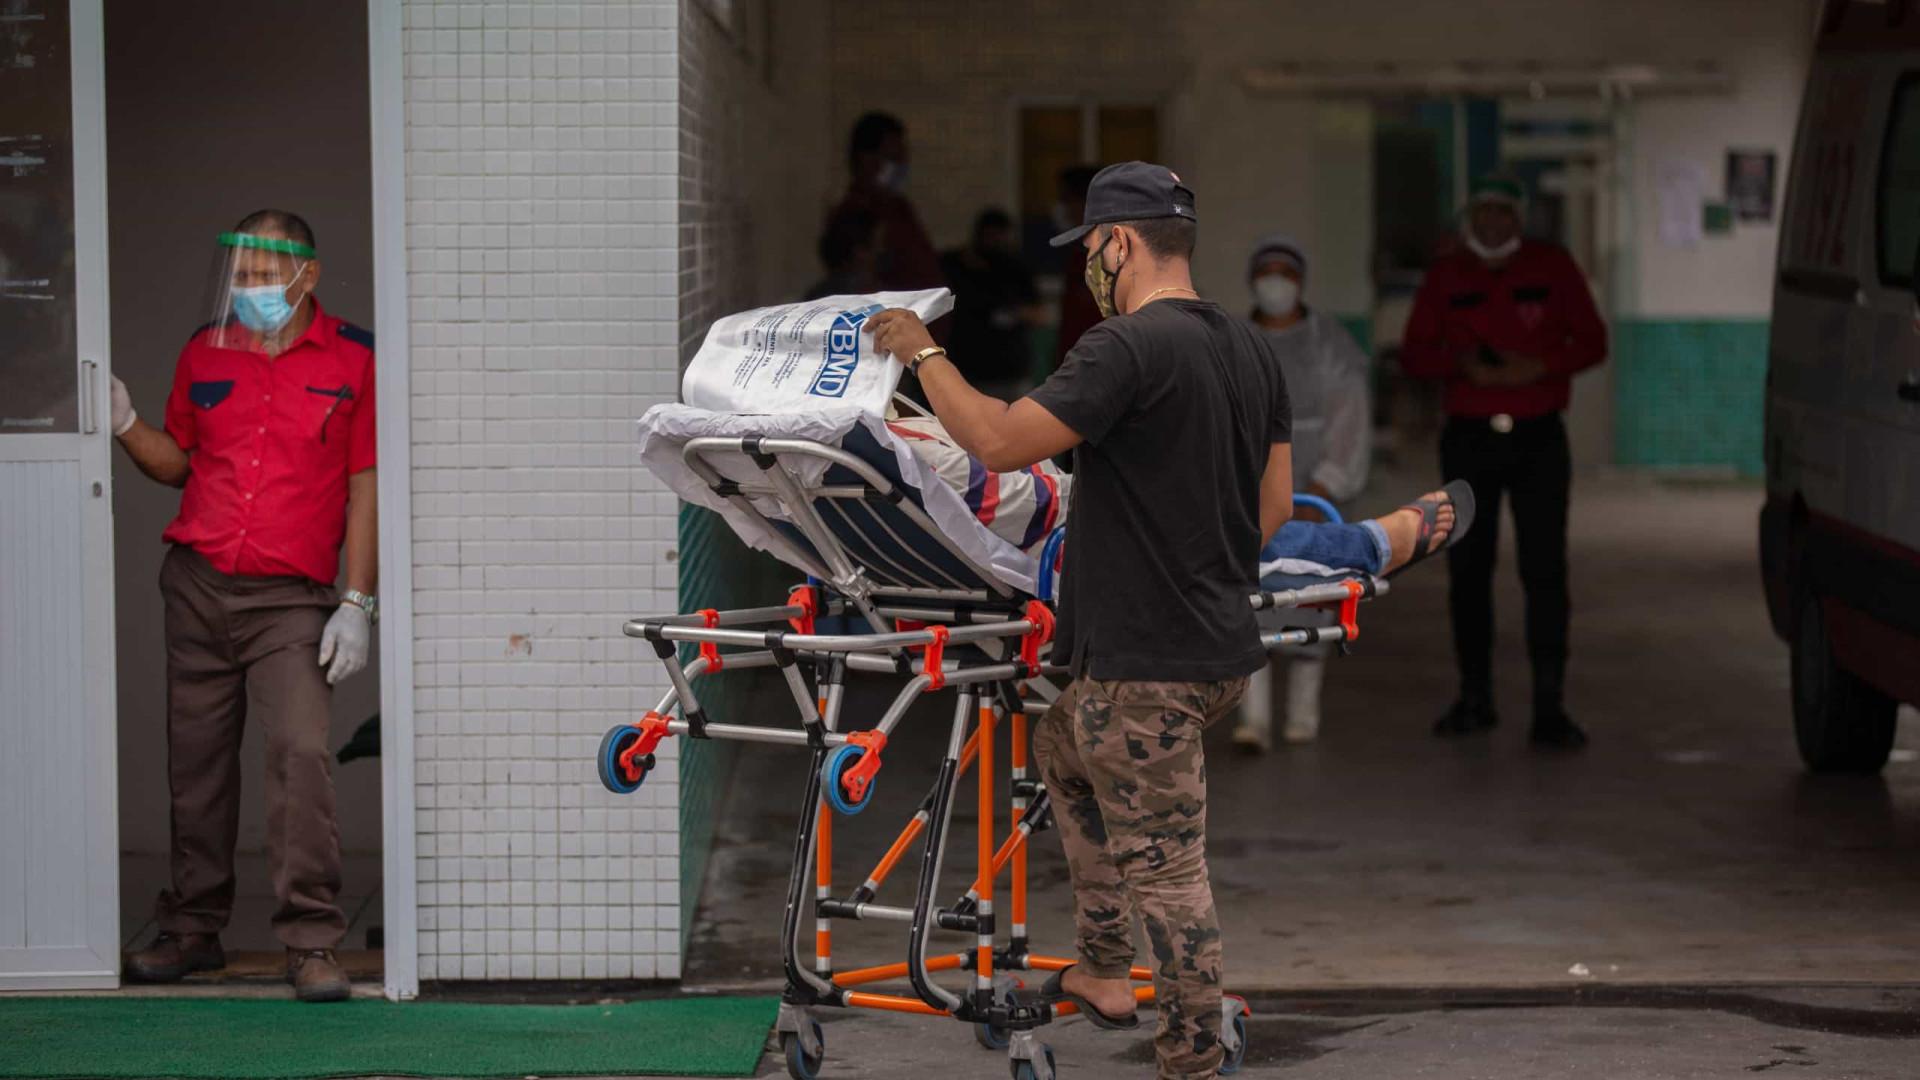 Colapsada, Manaus tenta importar oxigênio da Venezuela